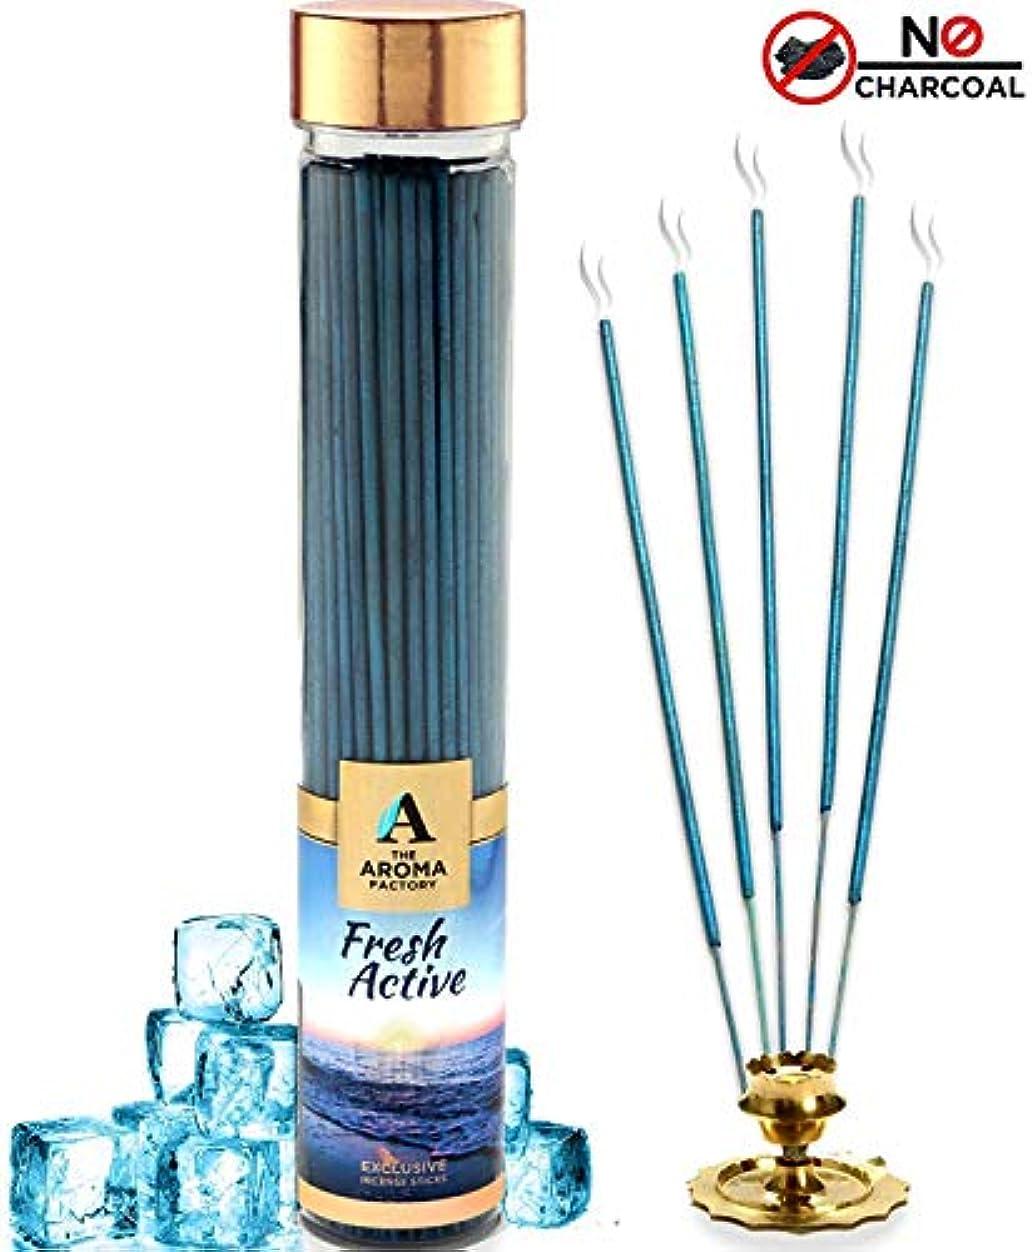 羊の服を着た狼気分構想するThe Aroma Factory Fresh Active Incense Sticks Agarbatti (Bottle Pack of 100)